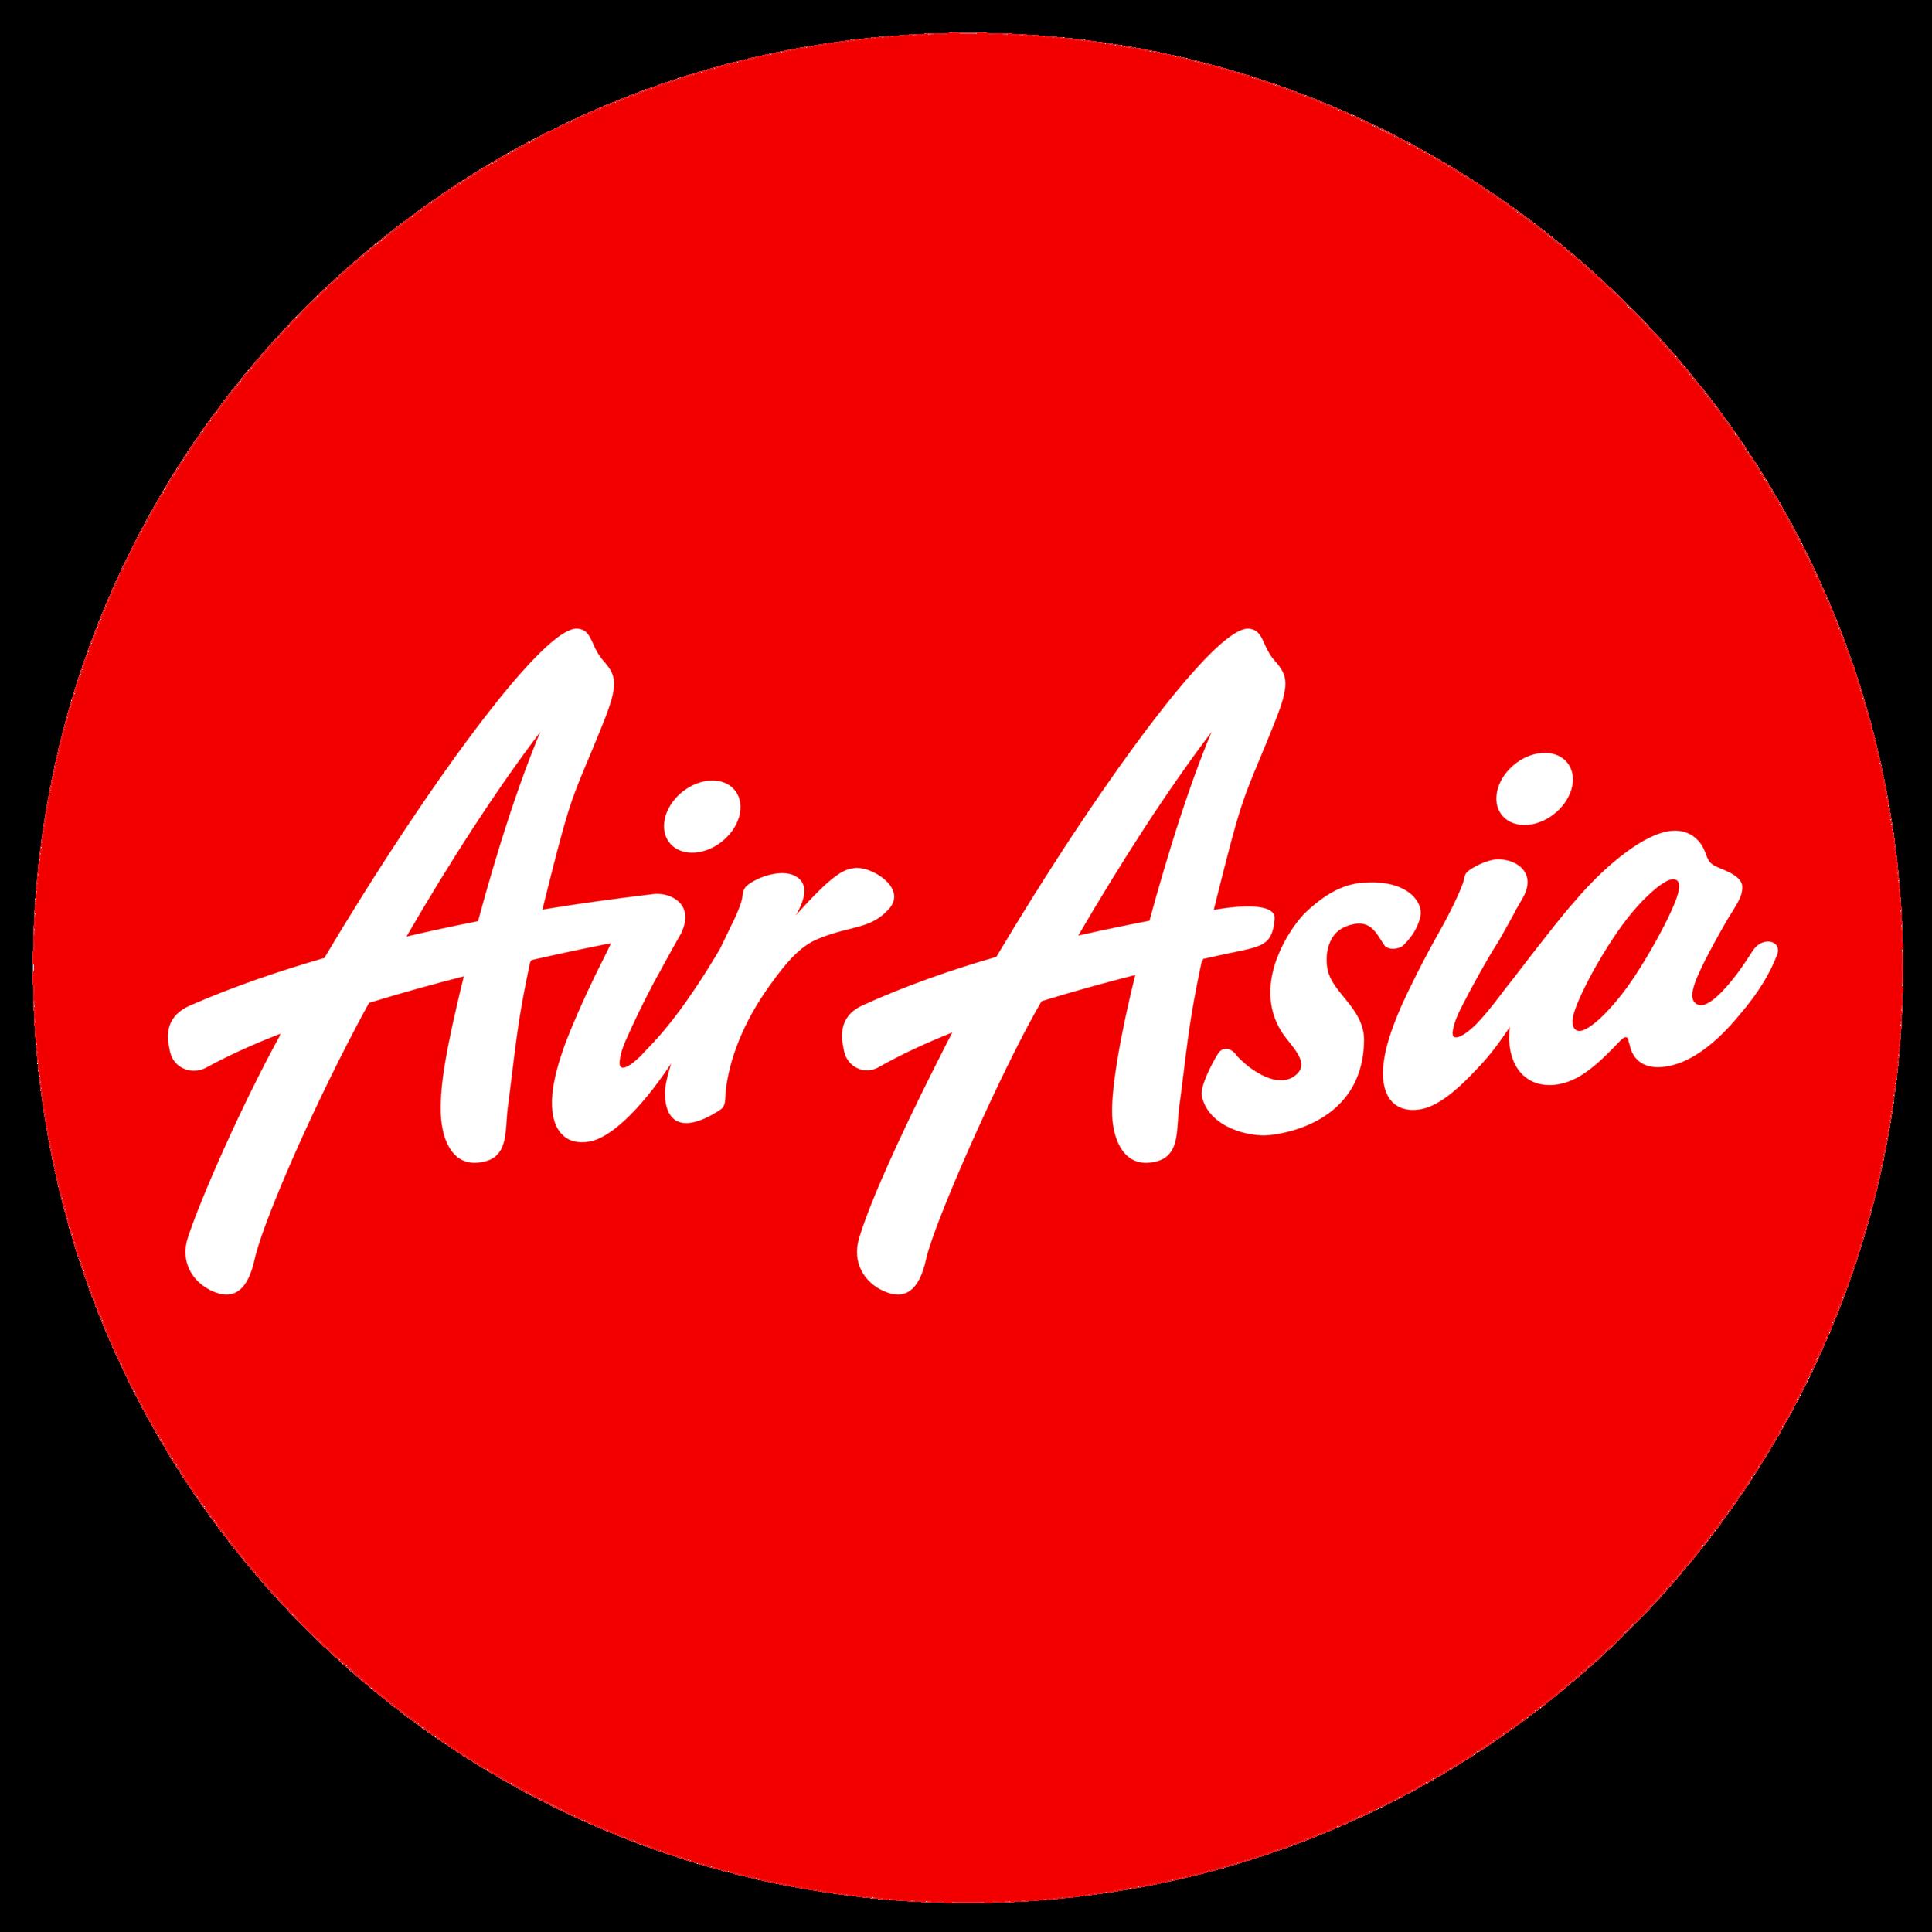 AirAsia_logo_logotype_circle.png